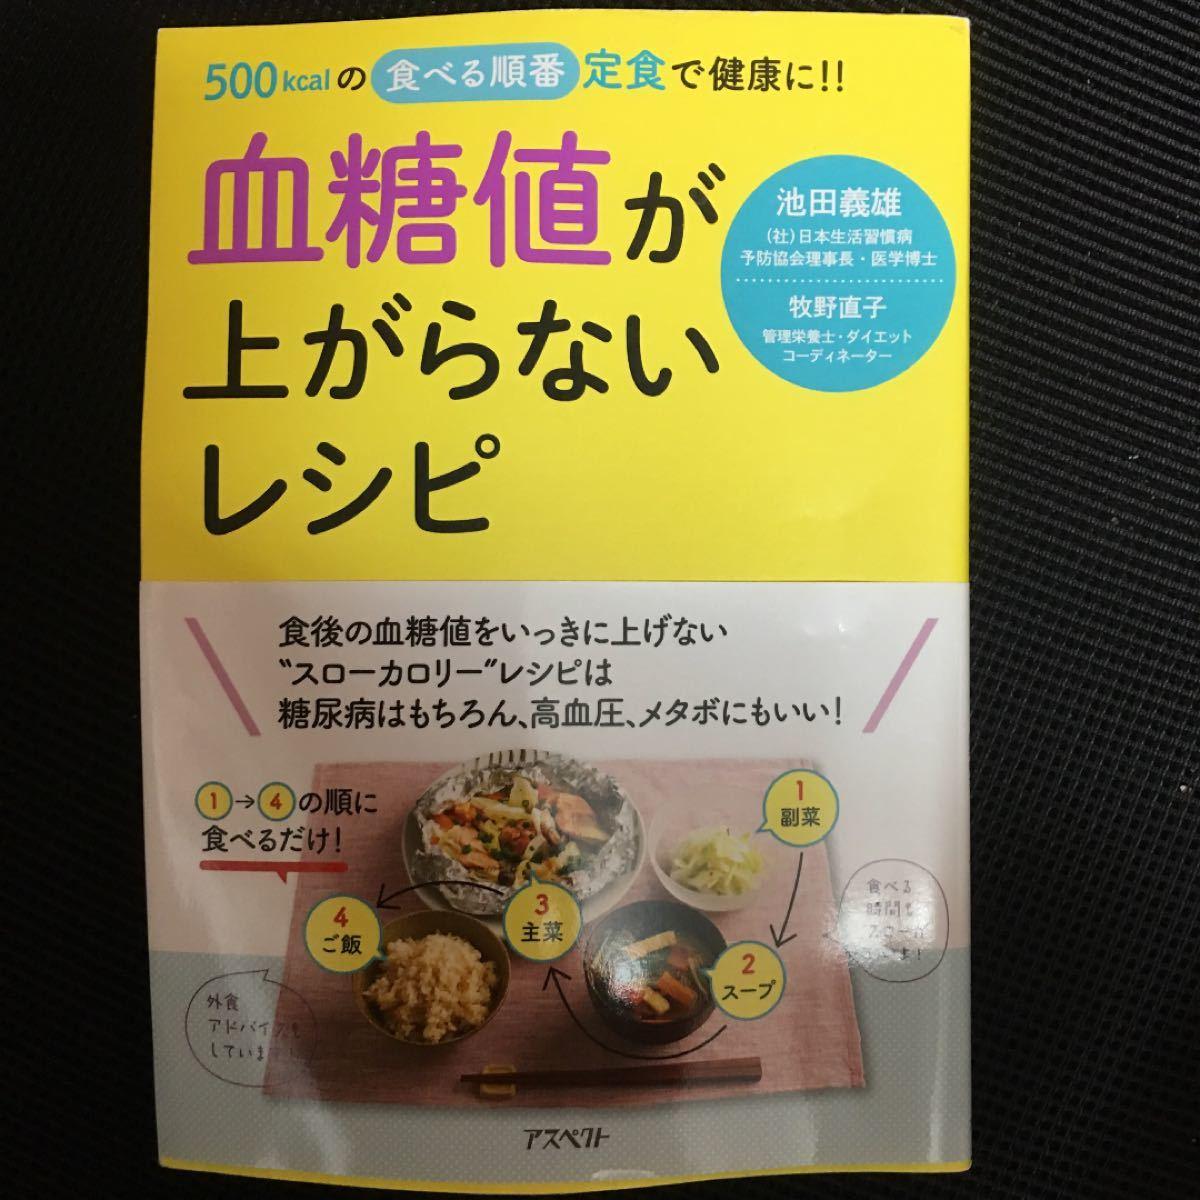 血糖値が上がらないレシピ : 500kcalの食べる順番定食で健康に!!